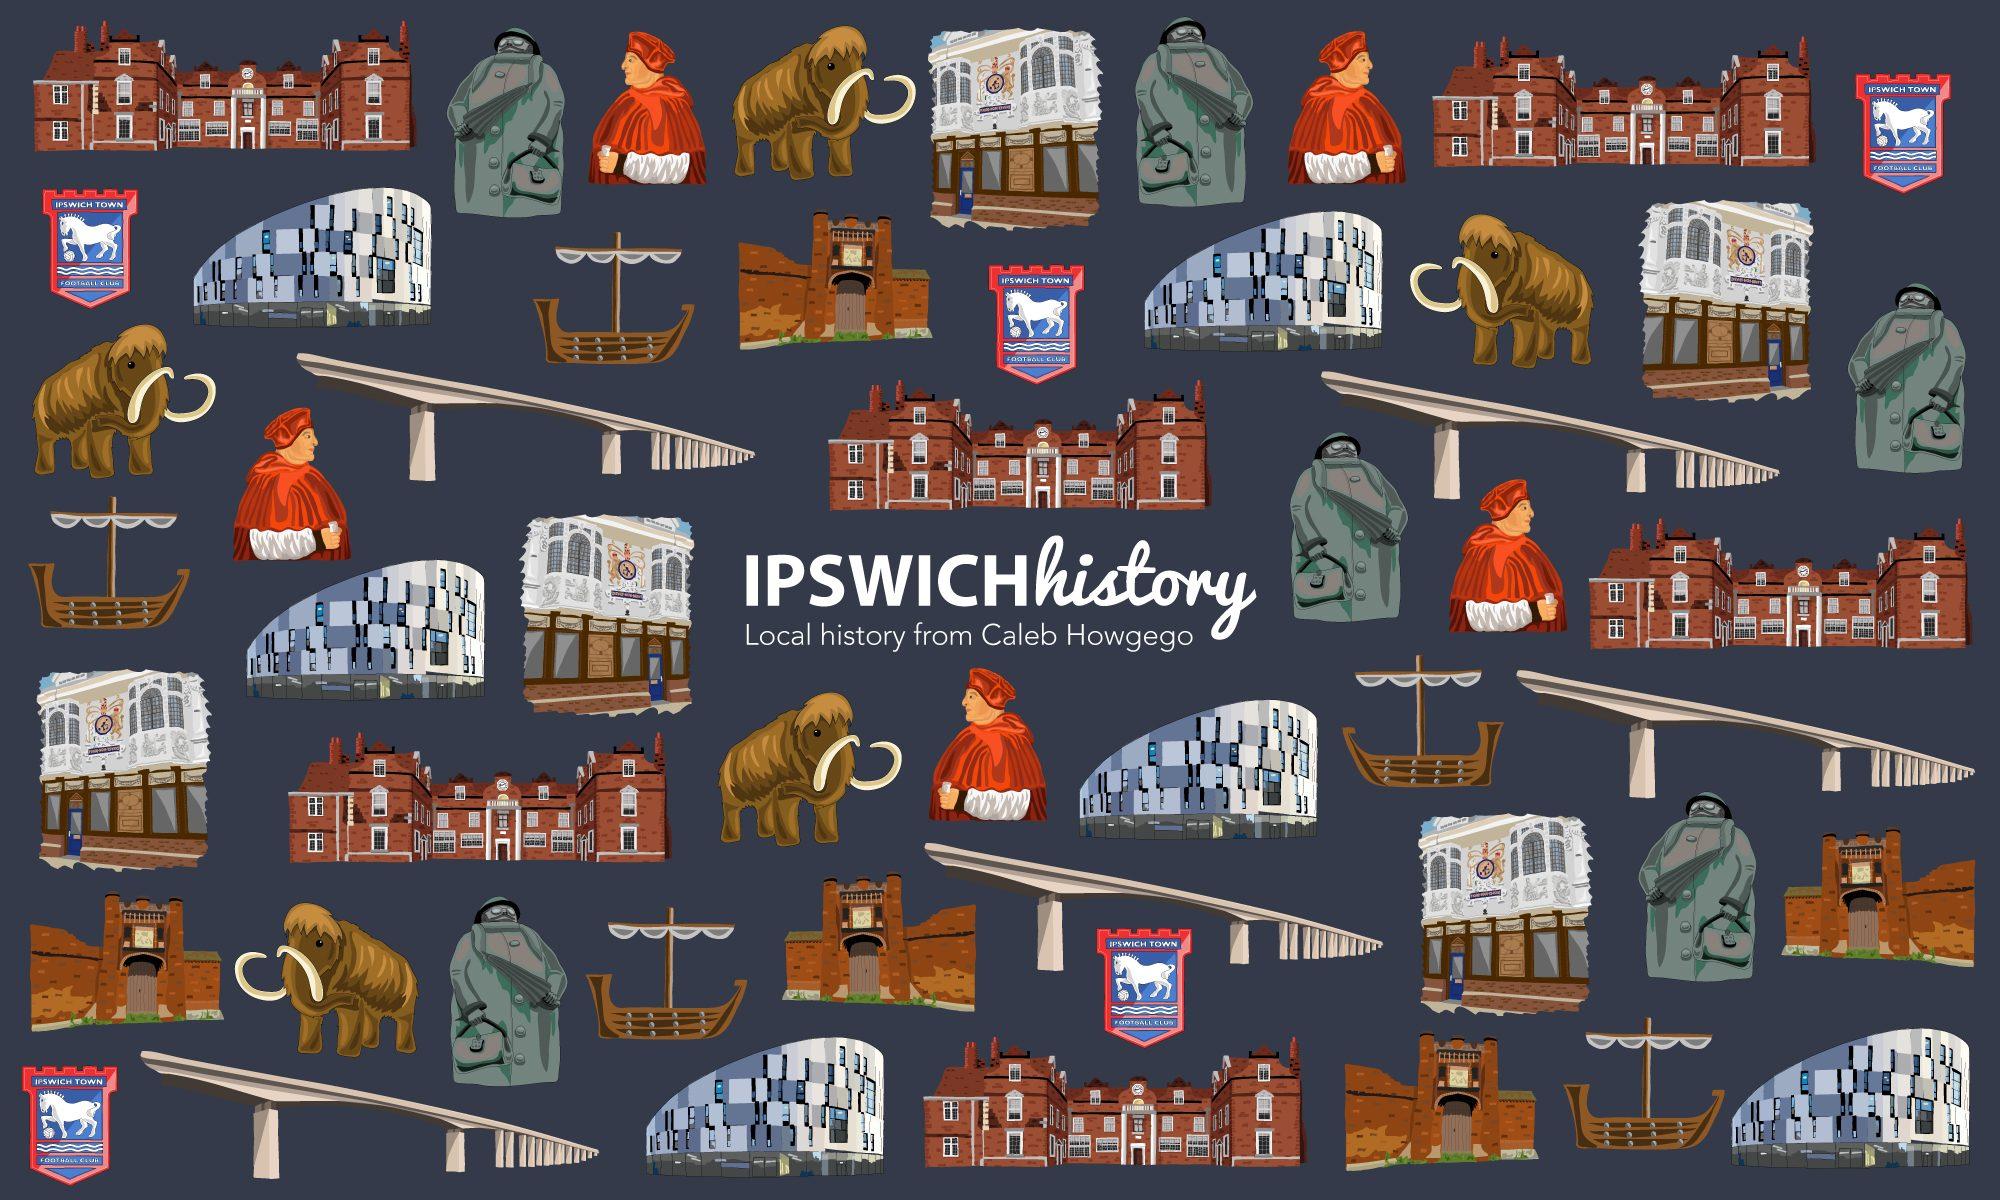 ipswichhistory